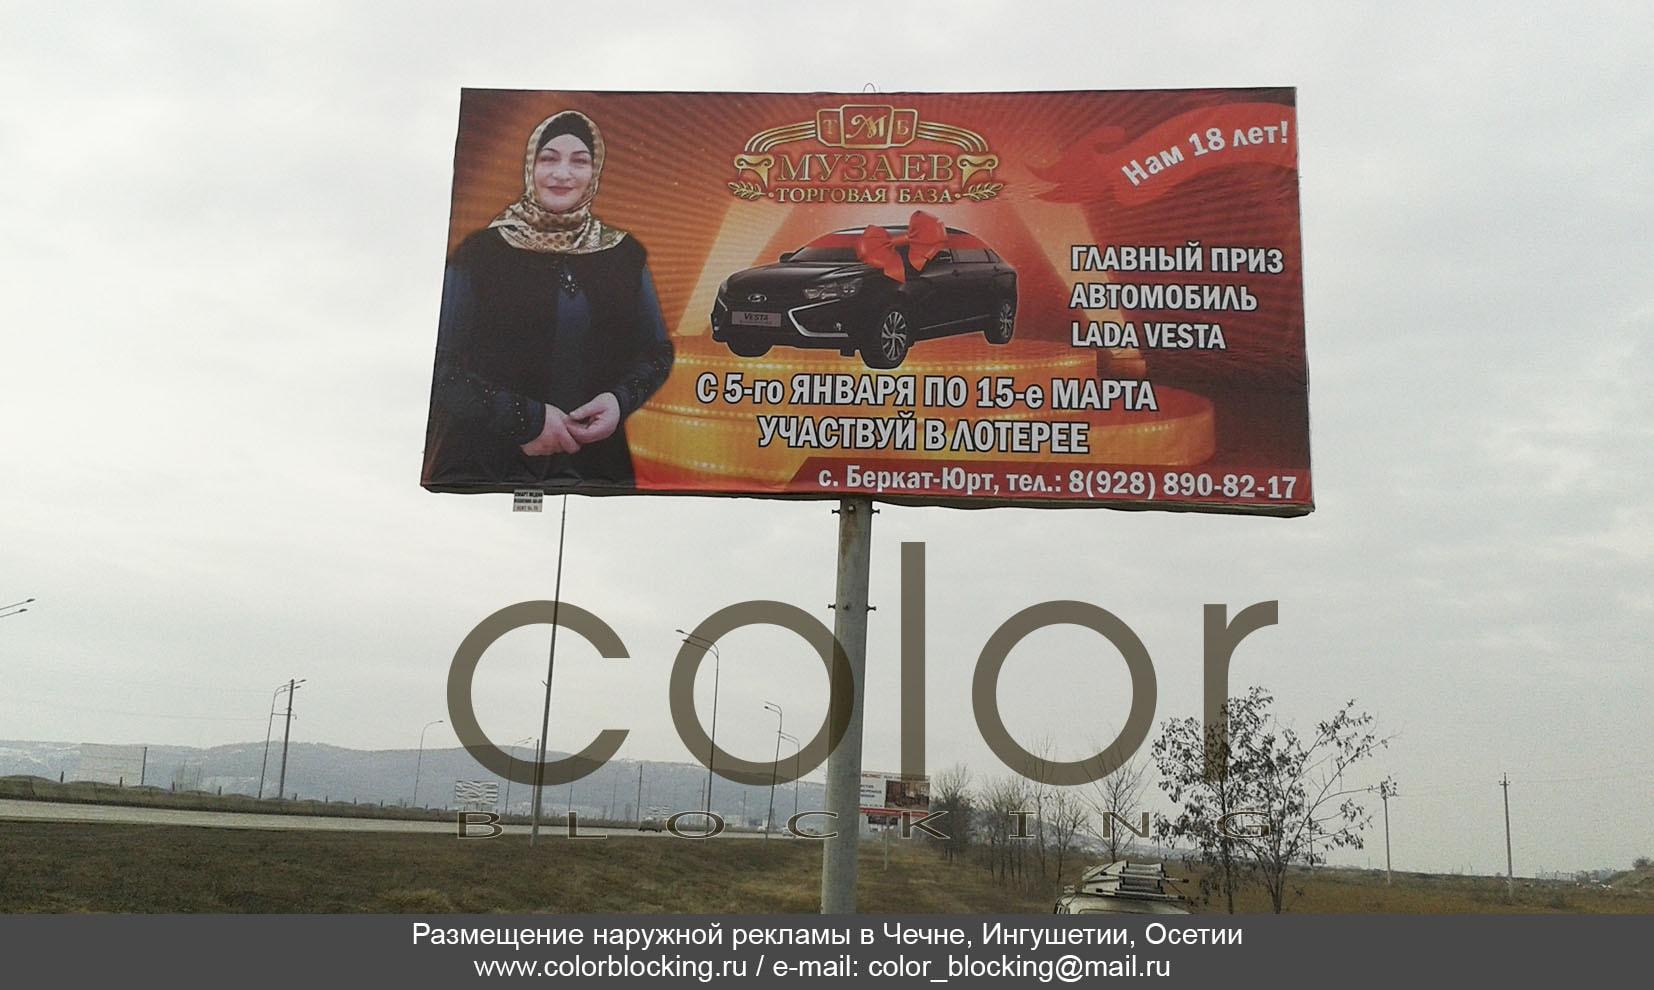 Чечня рекламные щиты в Грозном